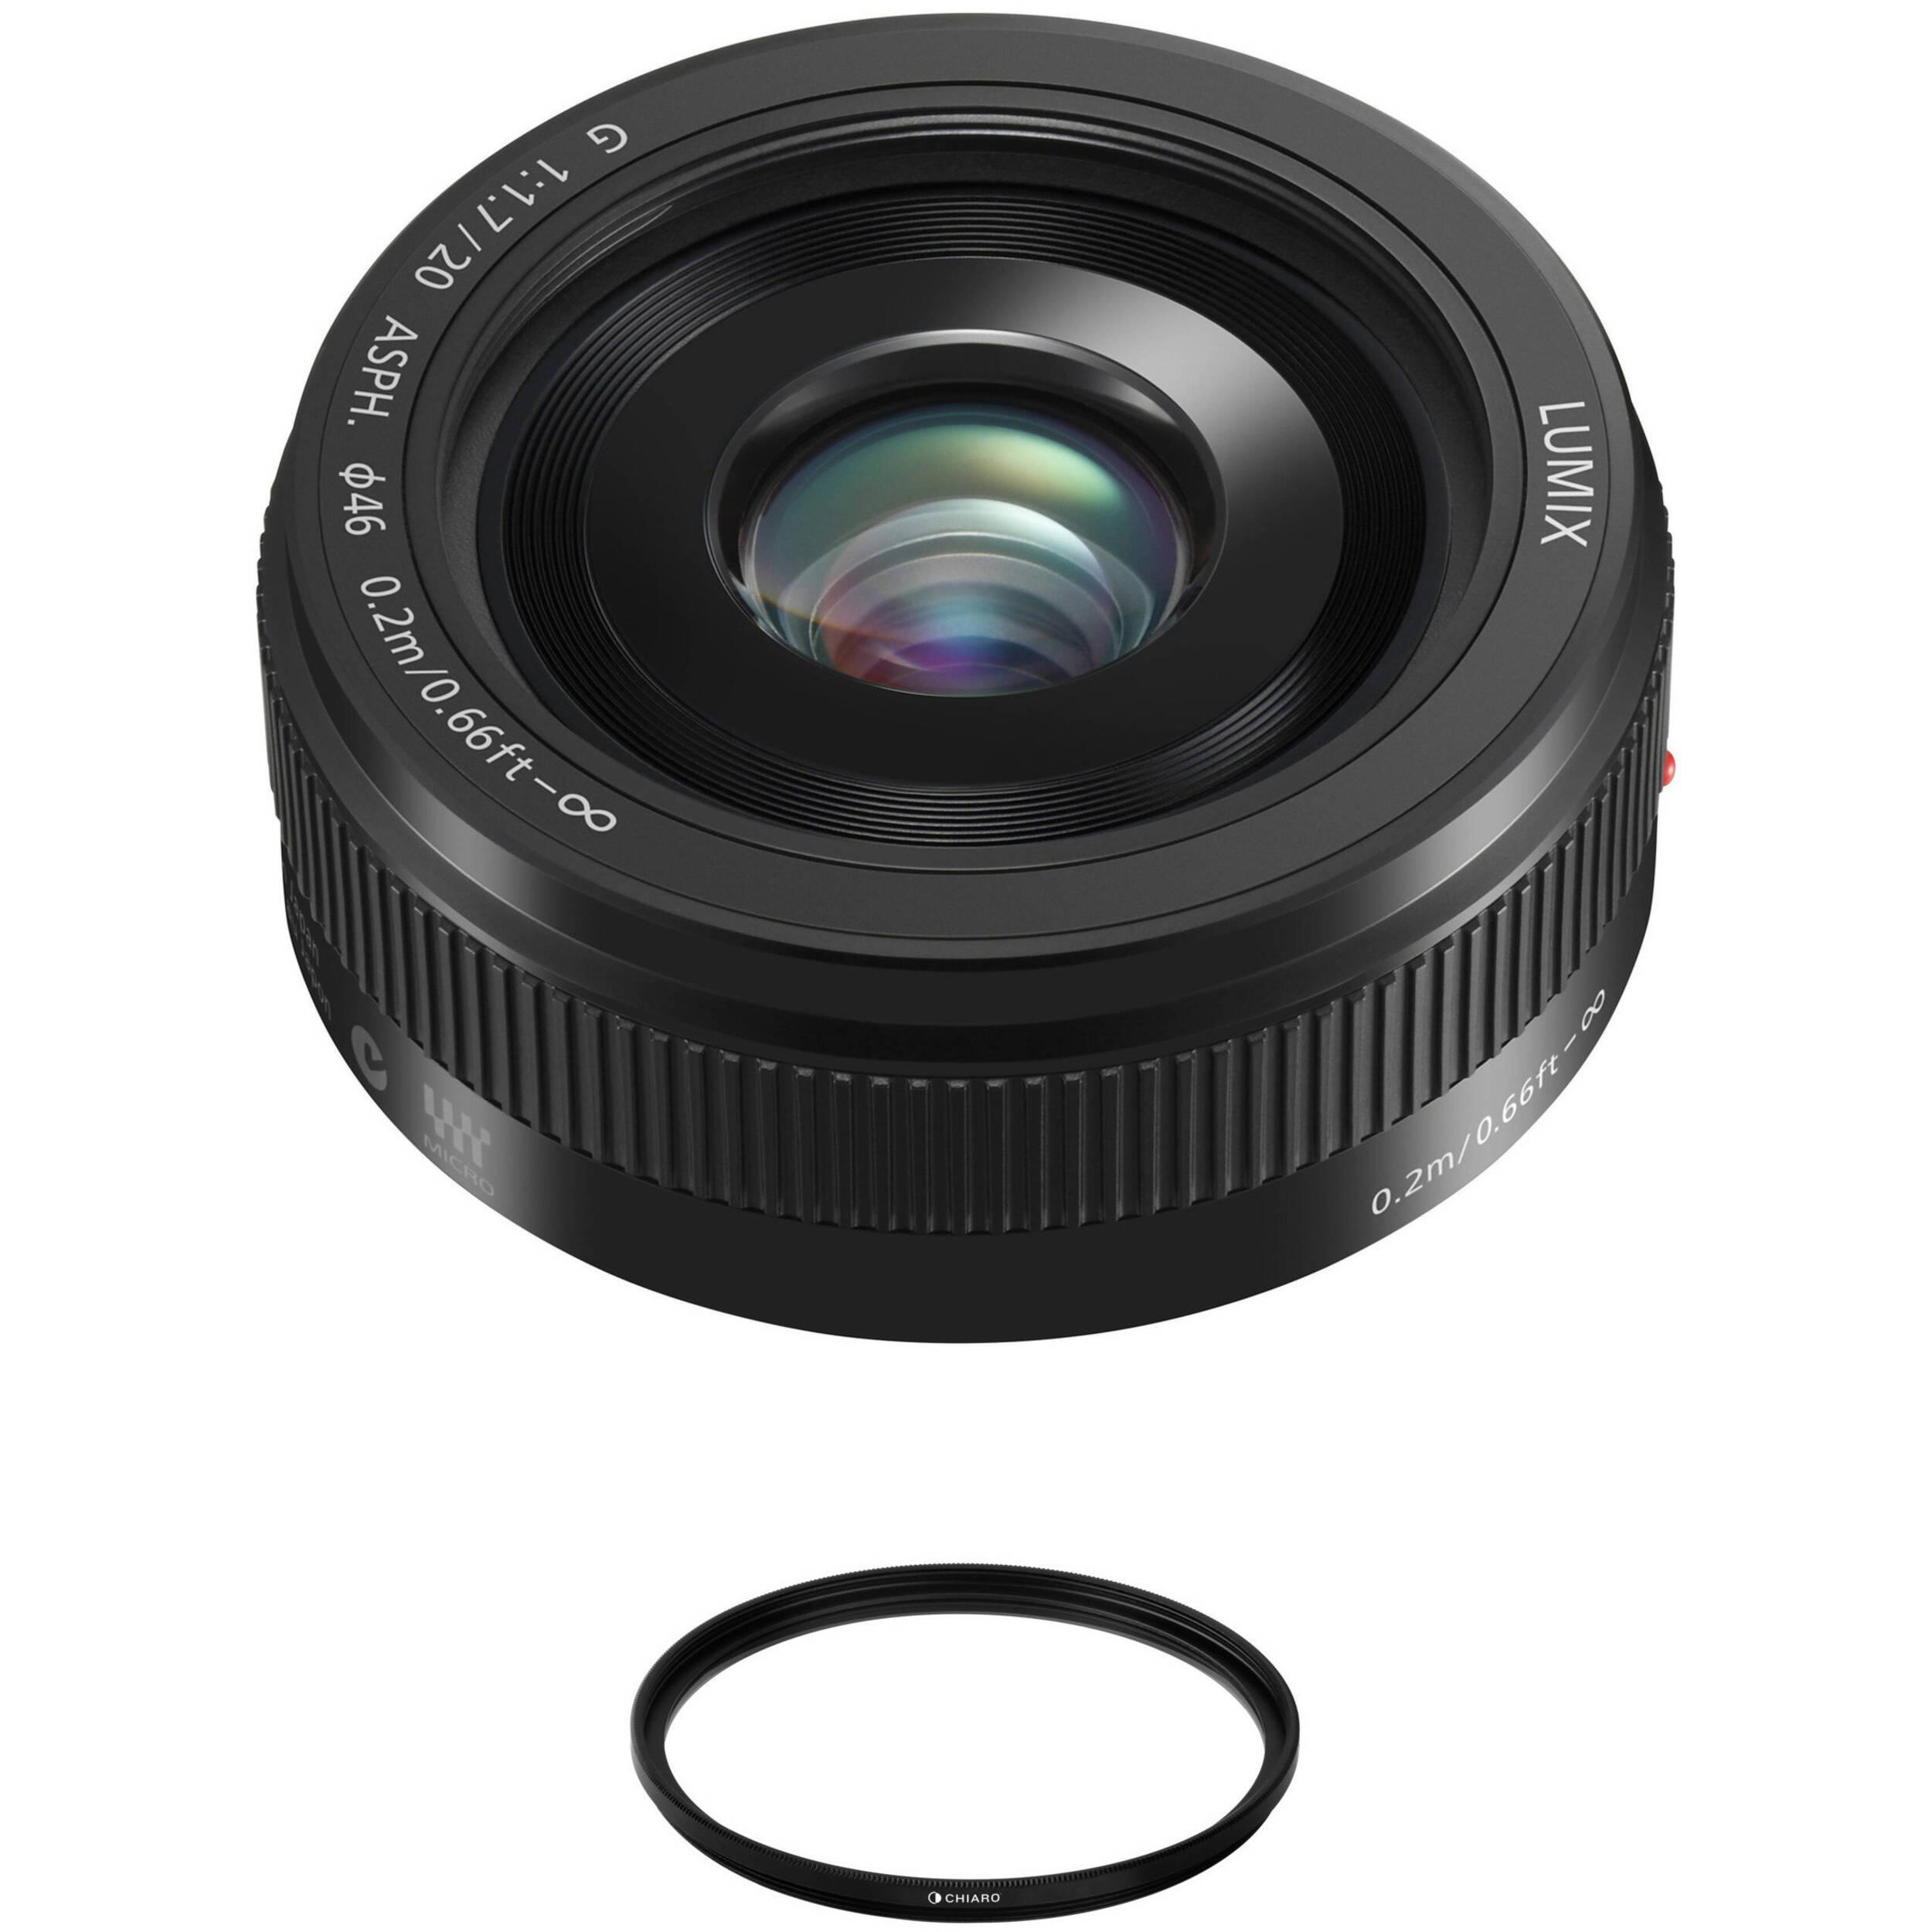 Panasonic Lumix G 20mm f/1 7 II ASPH  Lens (Black)